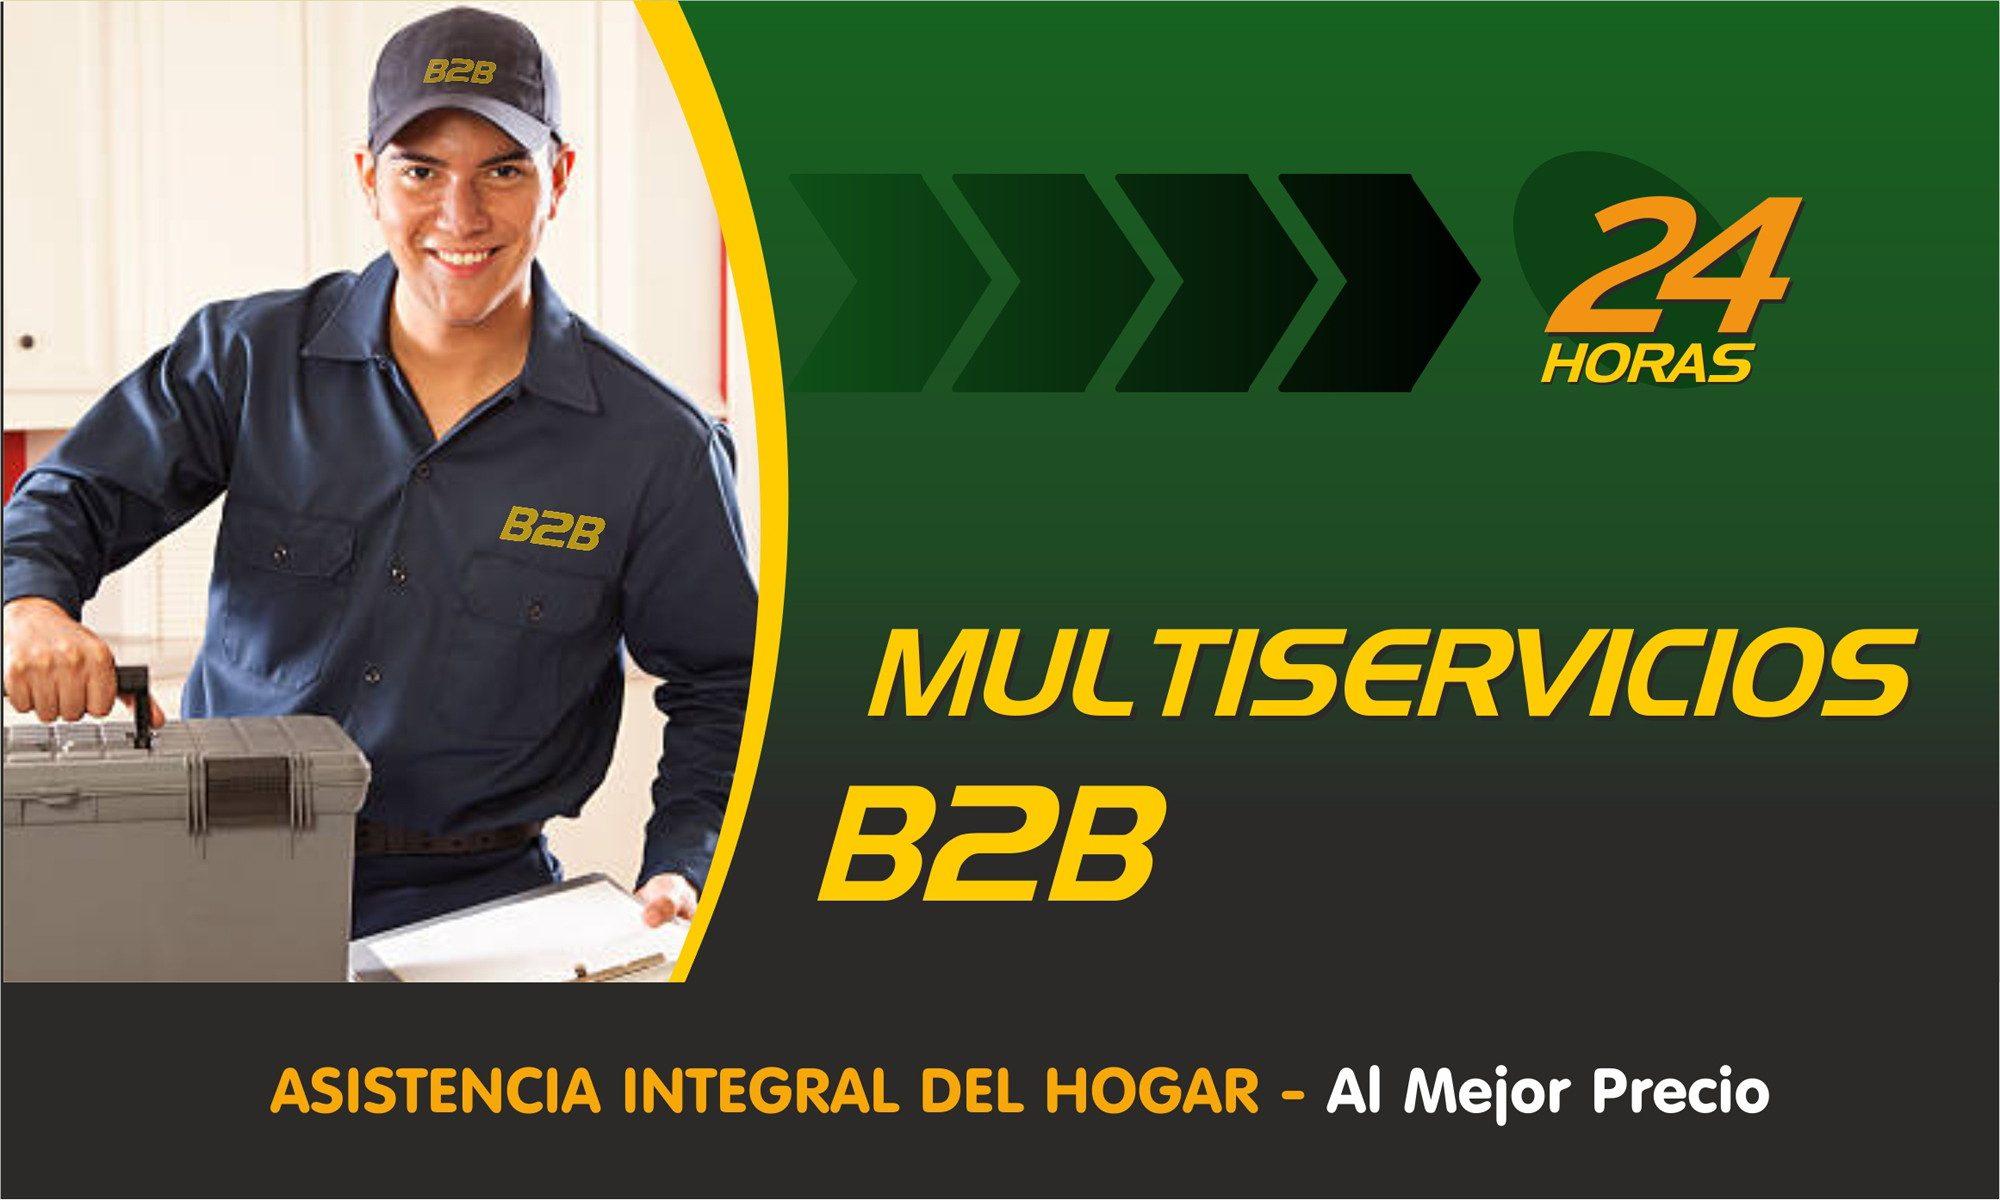 Reparaciones B2B